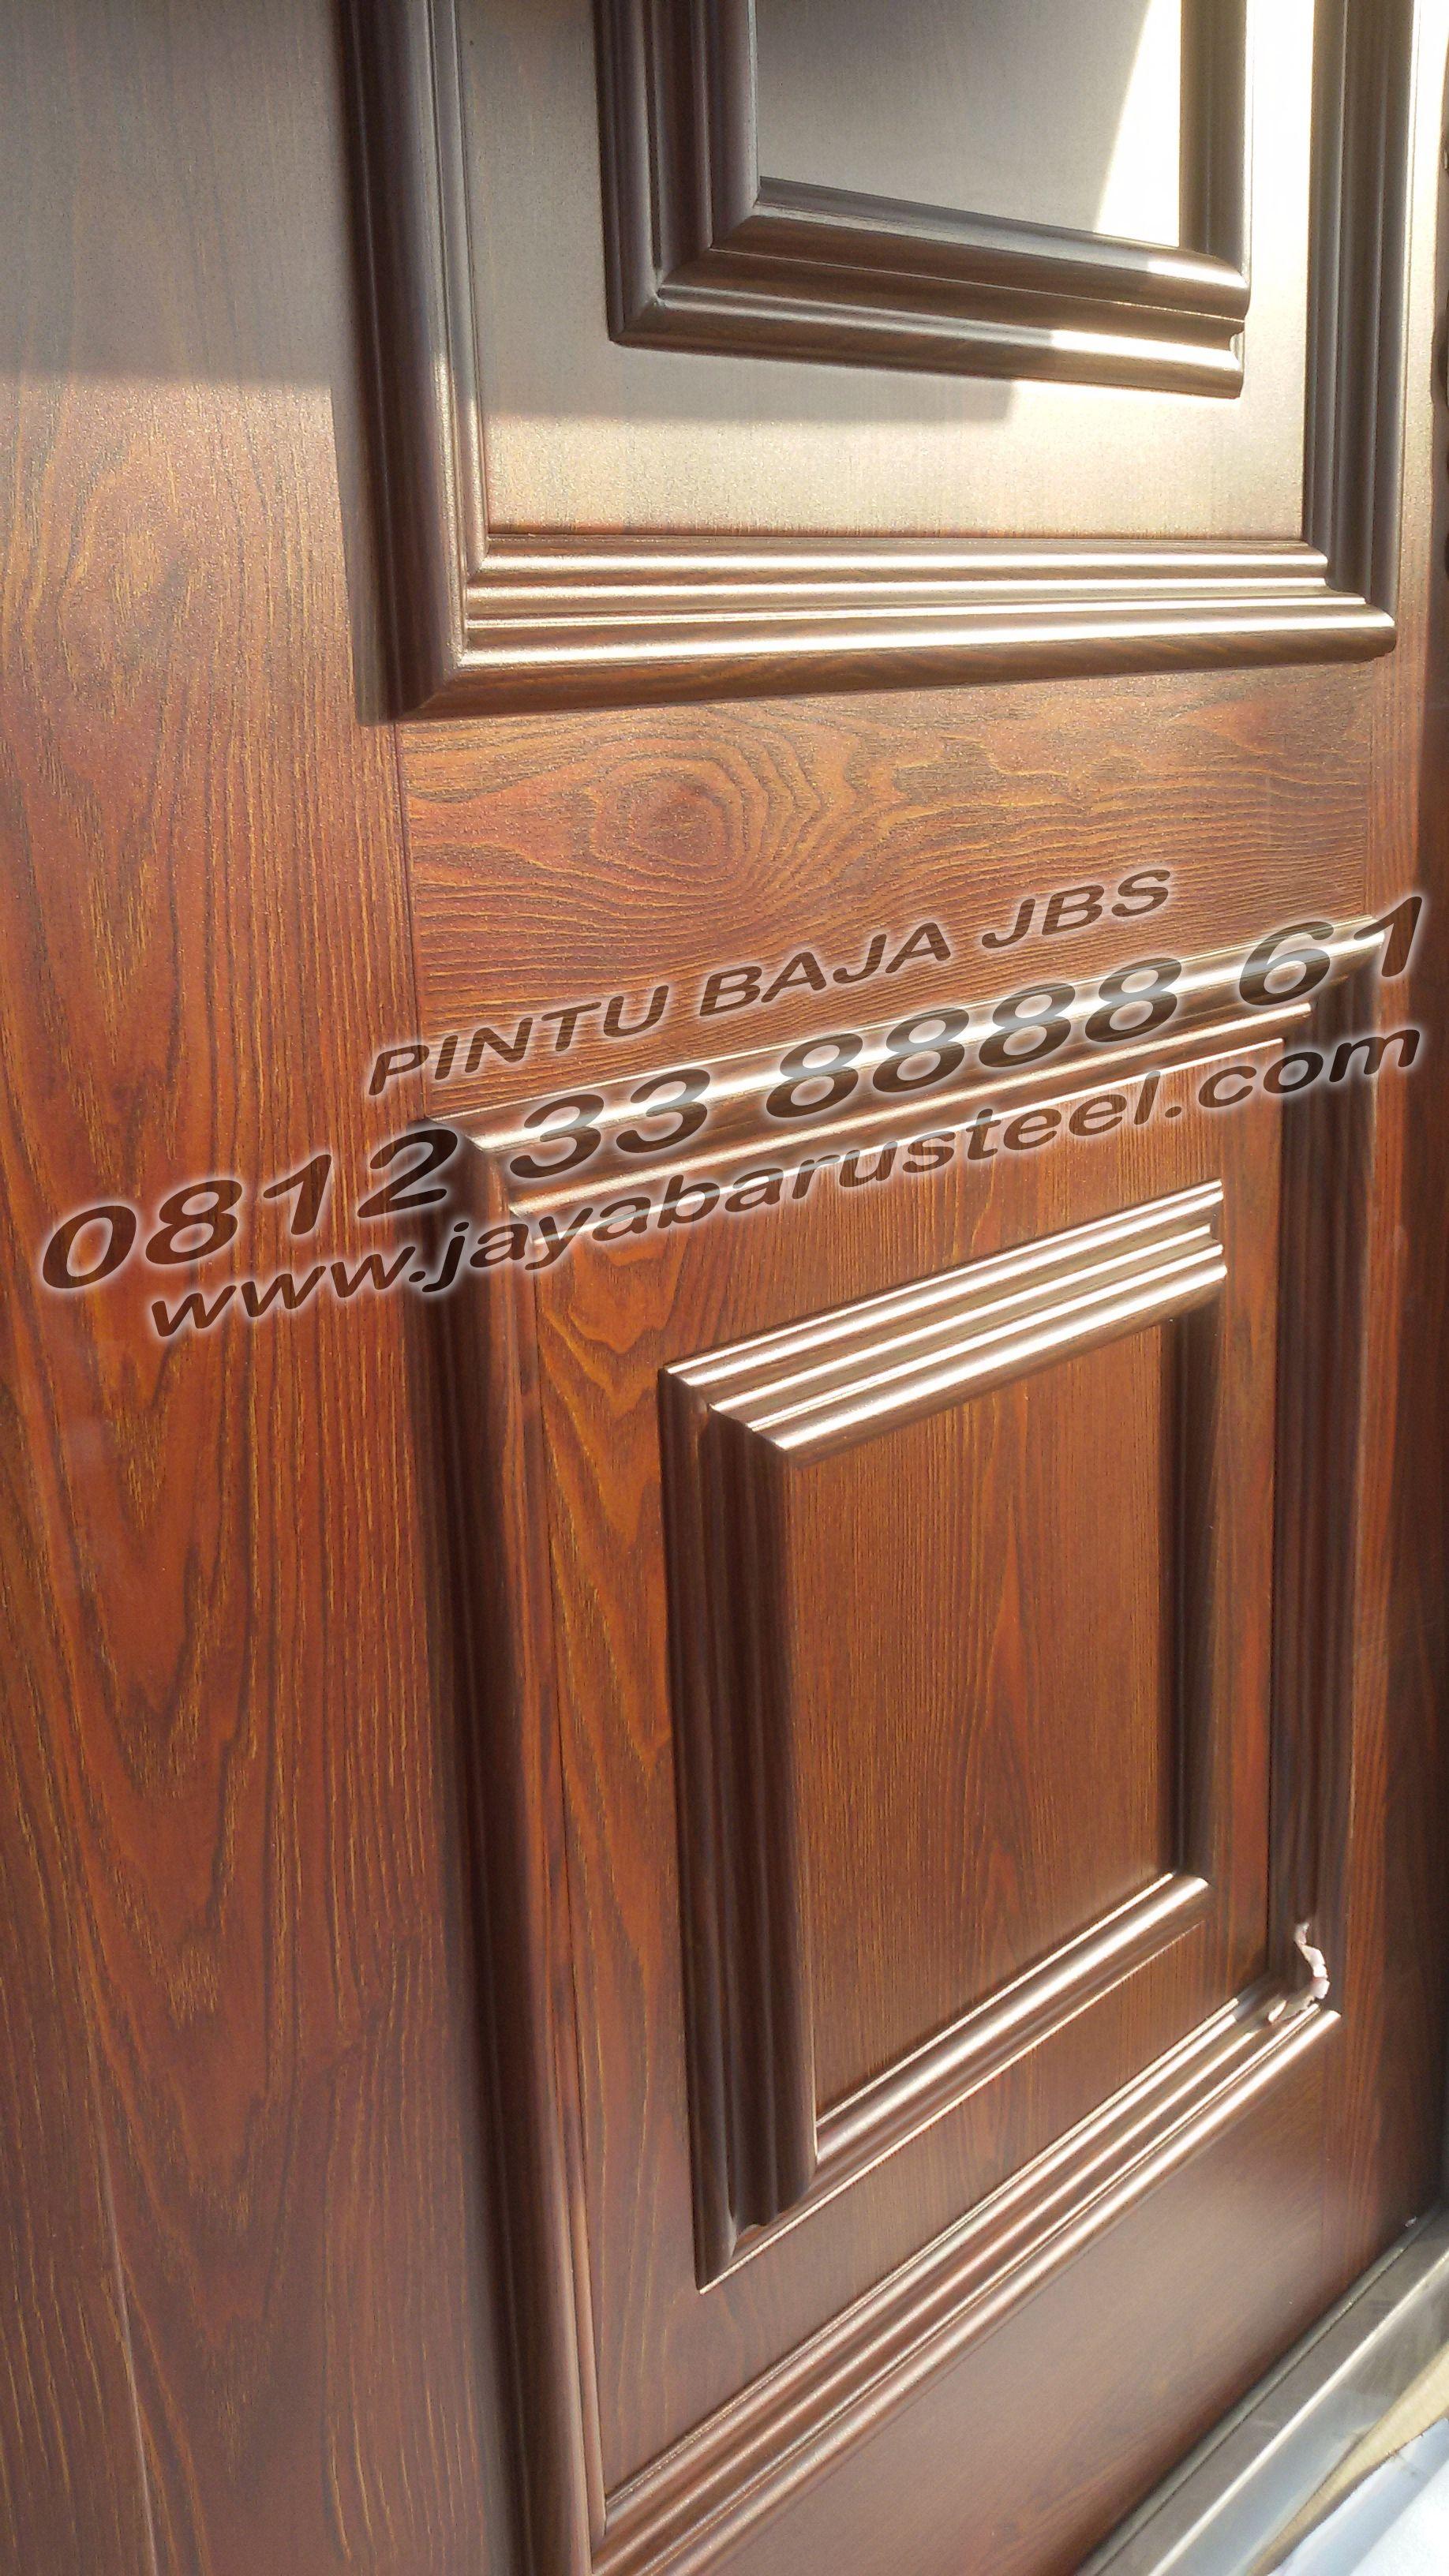 Pintu Rumah Model 2017 Pintu Rumah Minimalis Mewah Pintu Rumah Minimalis Dua Pintu Pintu Rumah Minimalis 2 Pintu Besar Kecil Pi Rumah Minimalis Rumah Pintu